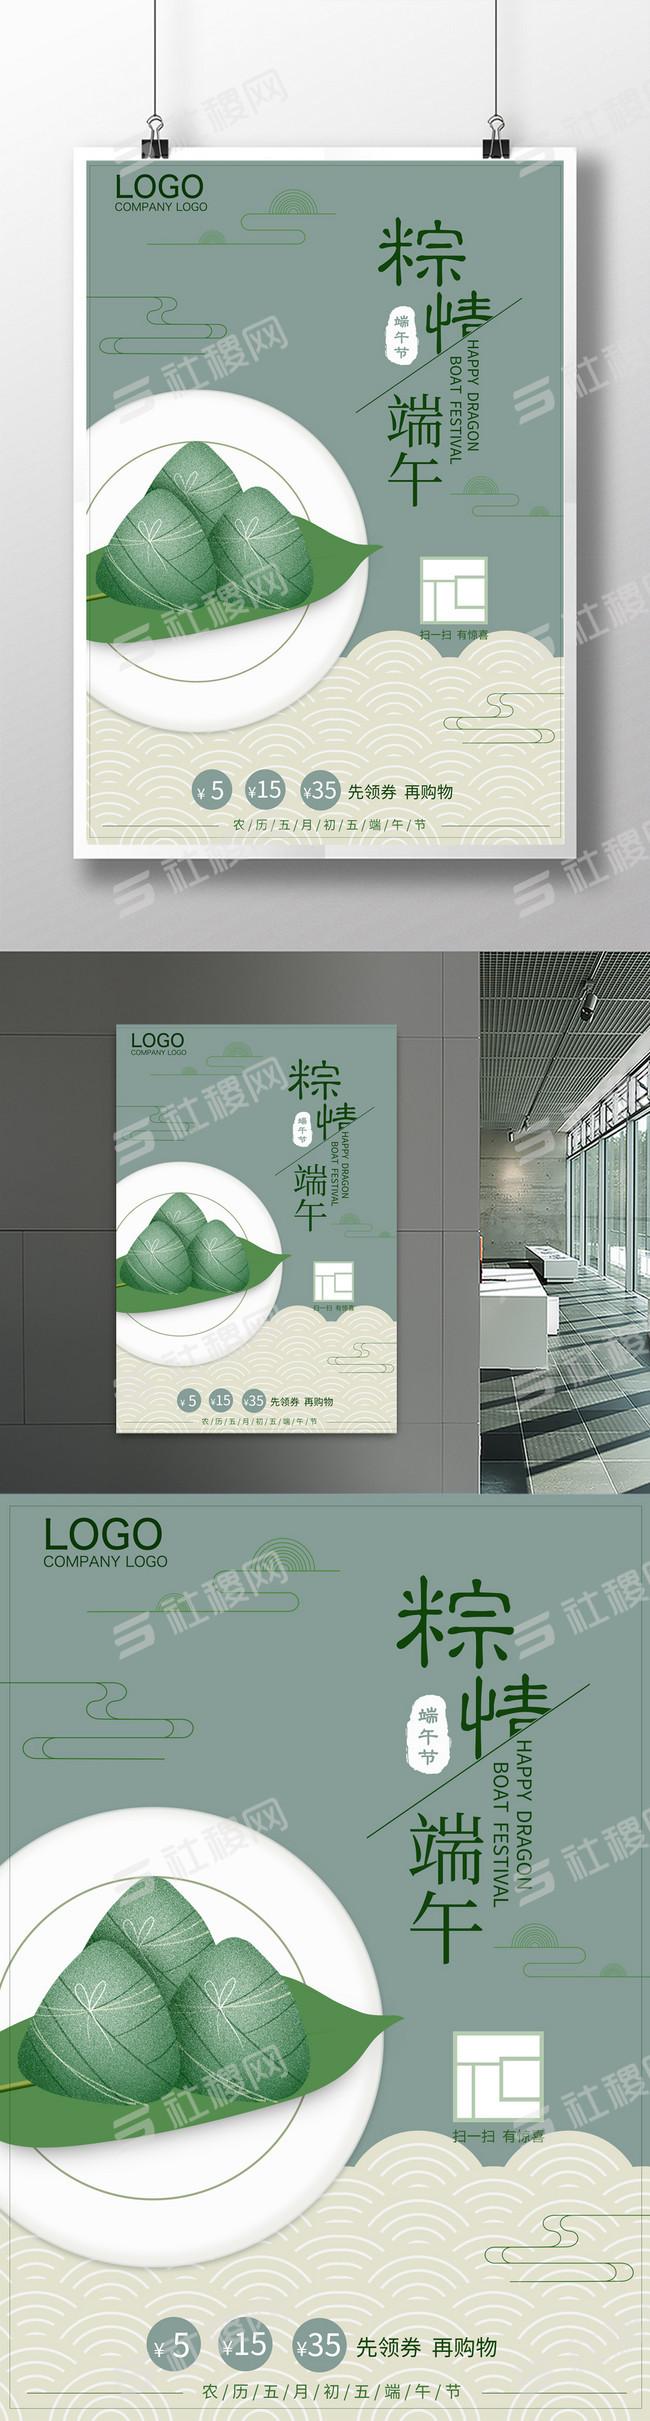 端午节粽情端午粽子促销活动海报设计社稷网.jpg